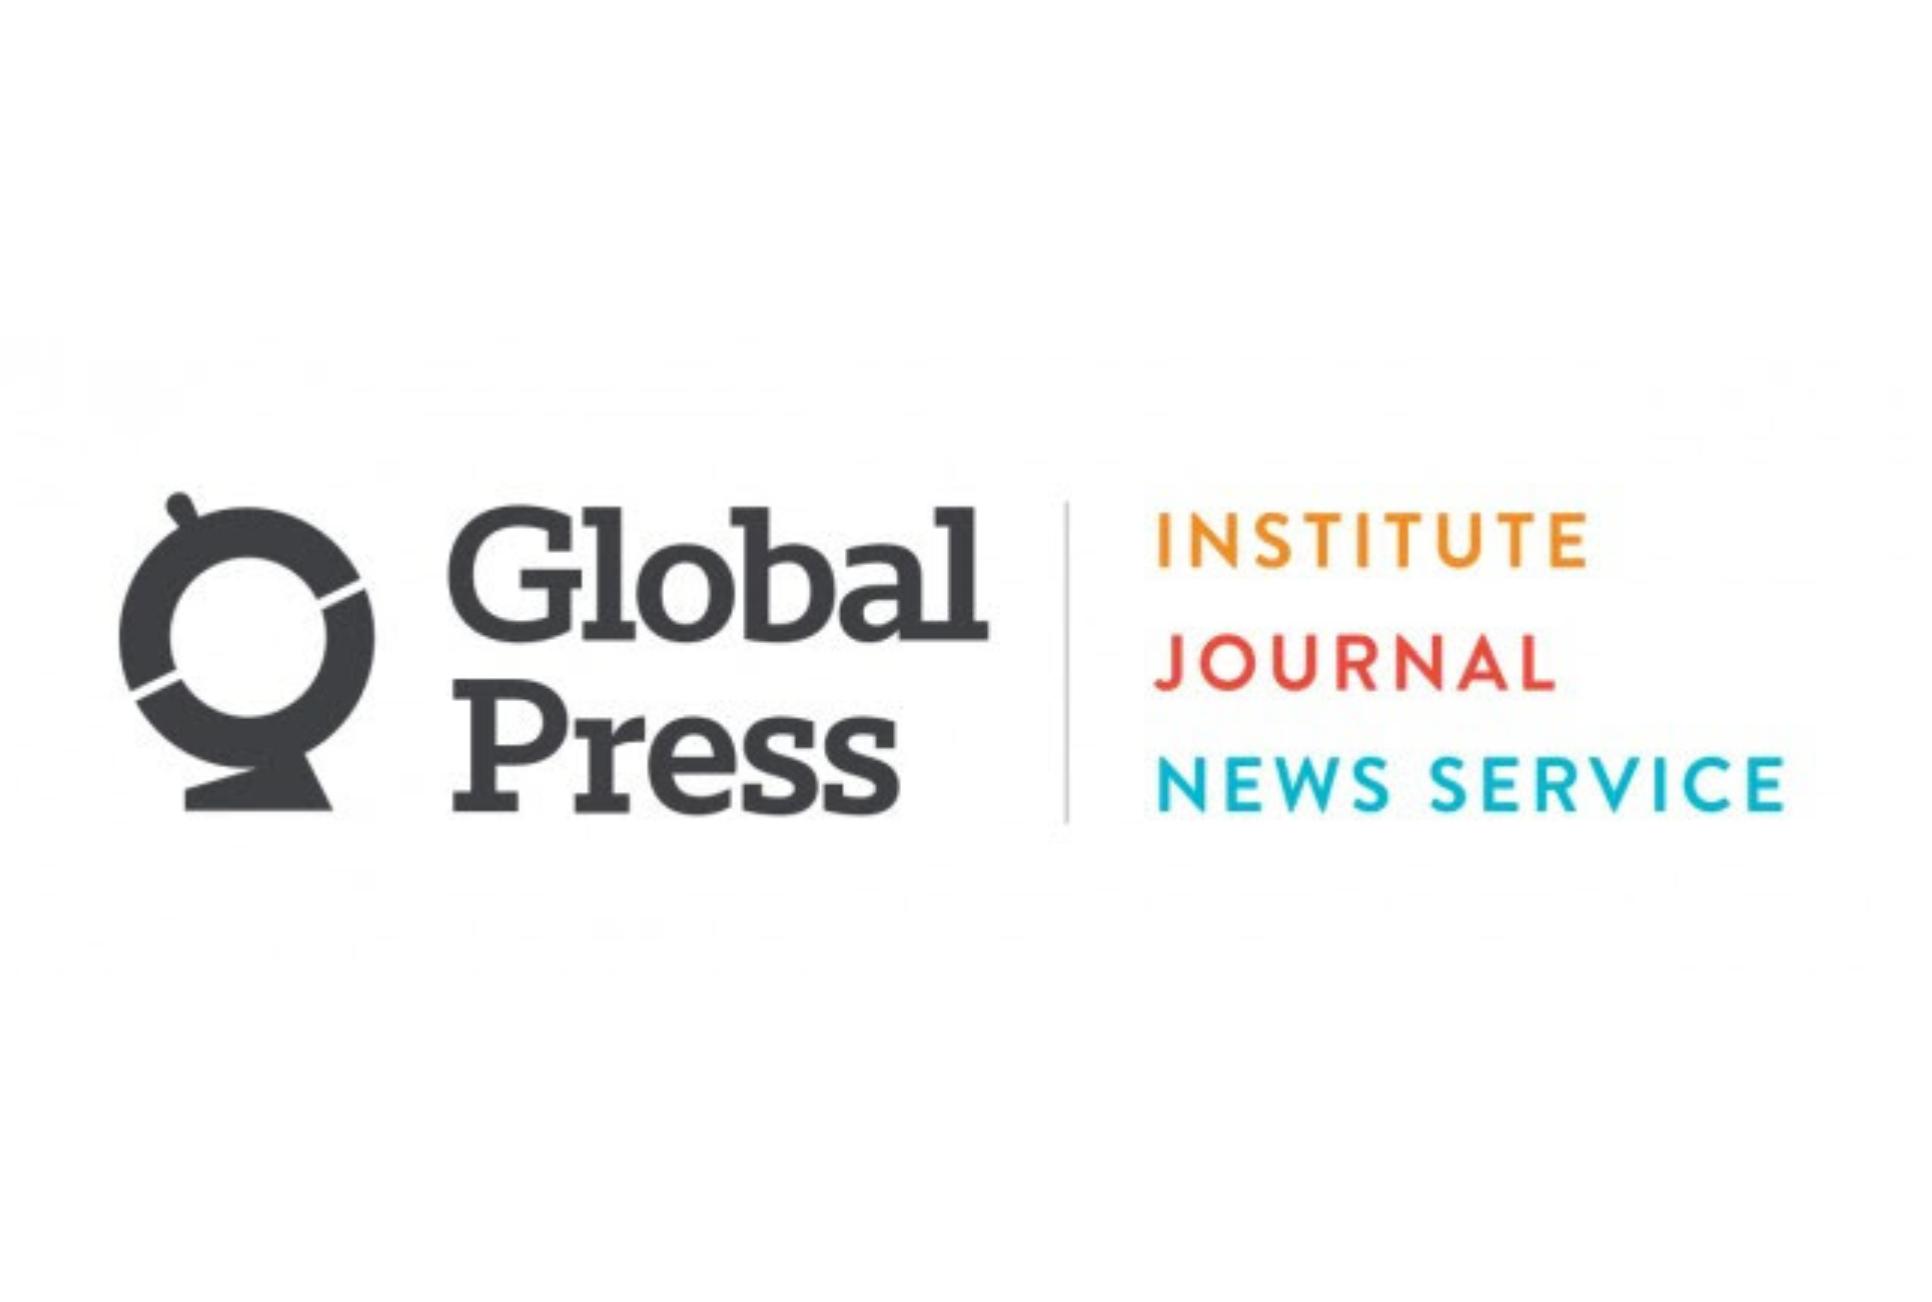 Global Press Institute